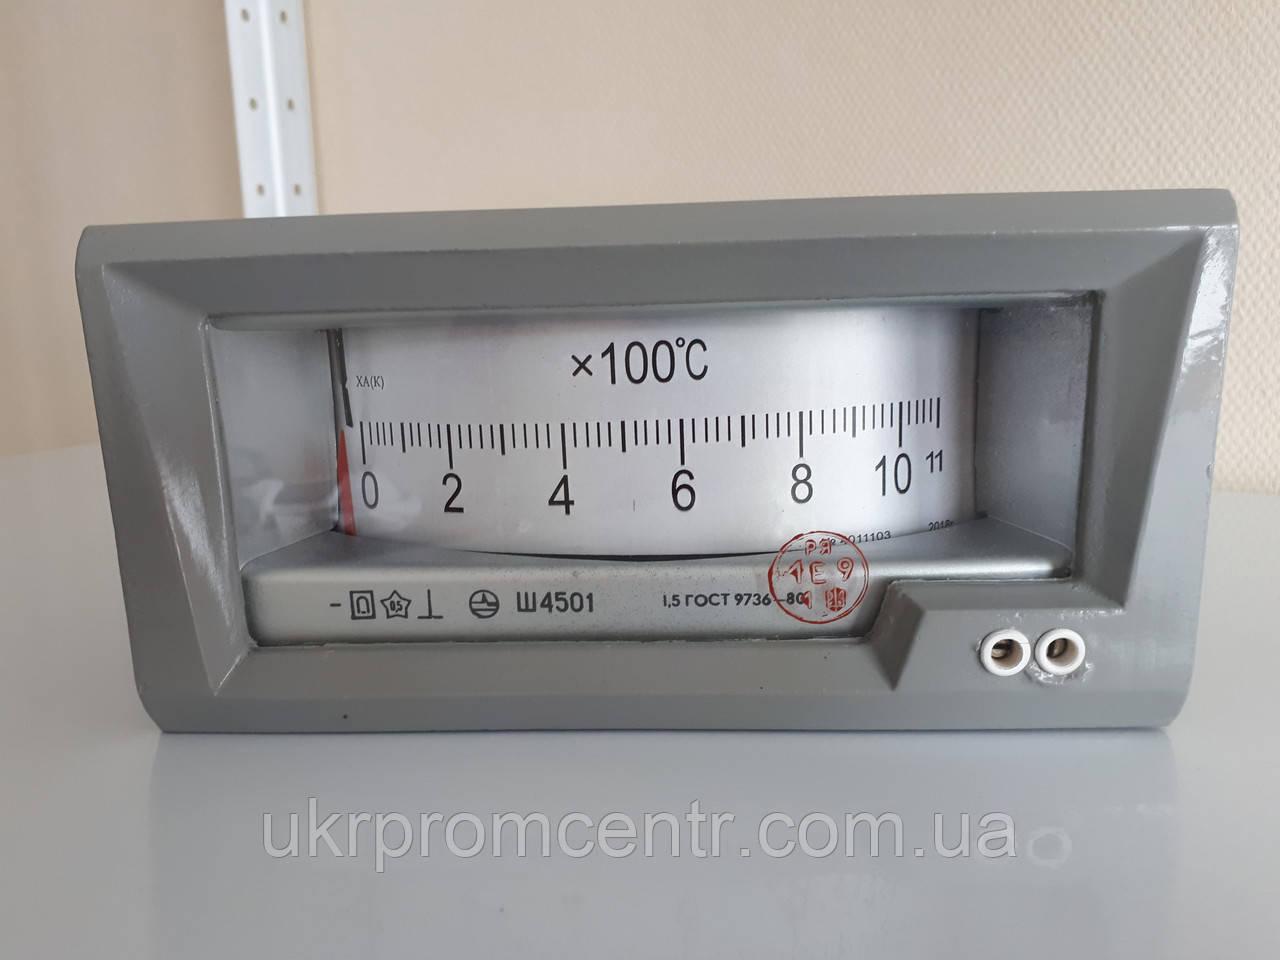 Милливольтметр (логометр) Ш4501